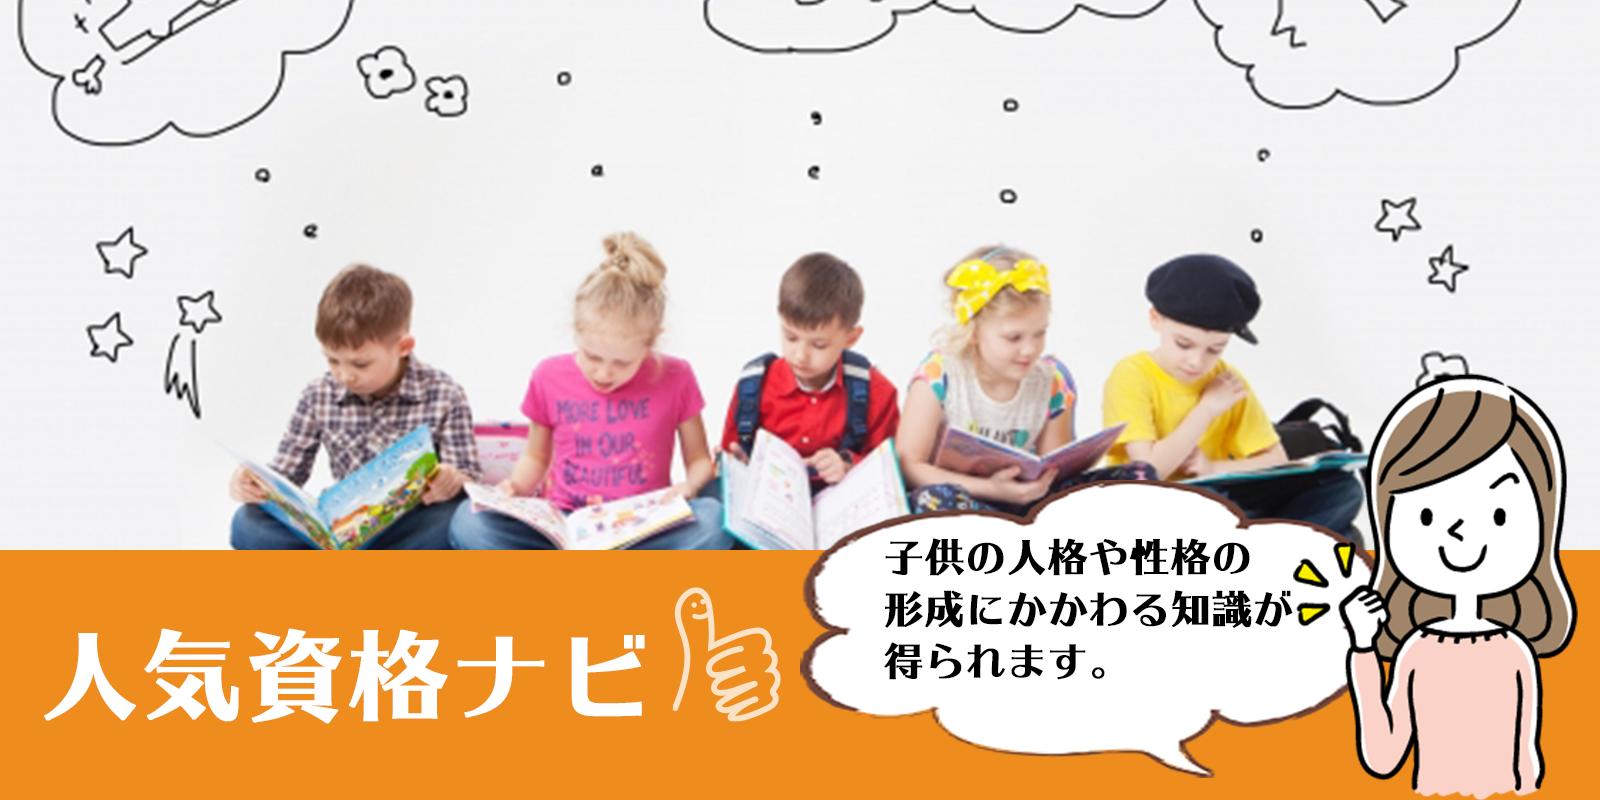 子供心理カウンセラー資格のアイキャッチ画像